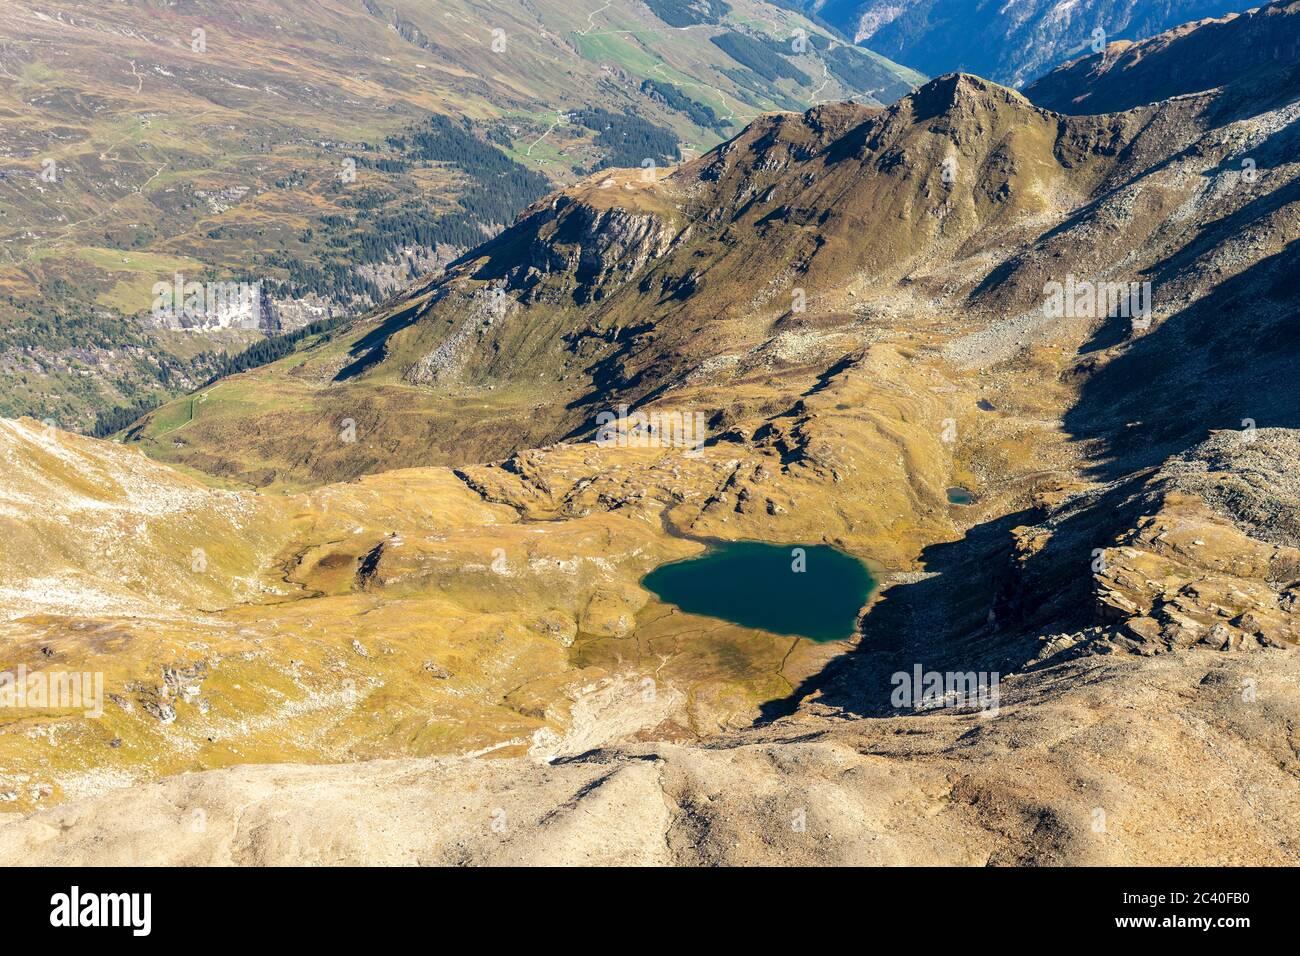 Auf dem Gipfel des Fanellhorns, Zervreila-Region, Valser Tal, Graubünden. Sicht zum Guraletschsee. Stock Photo